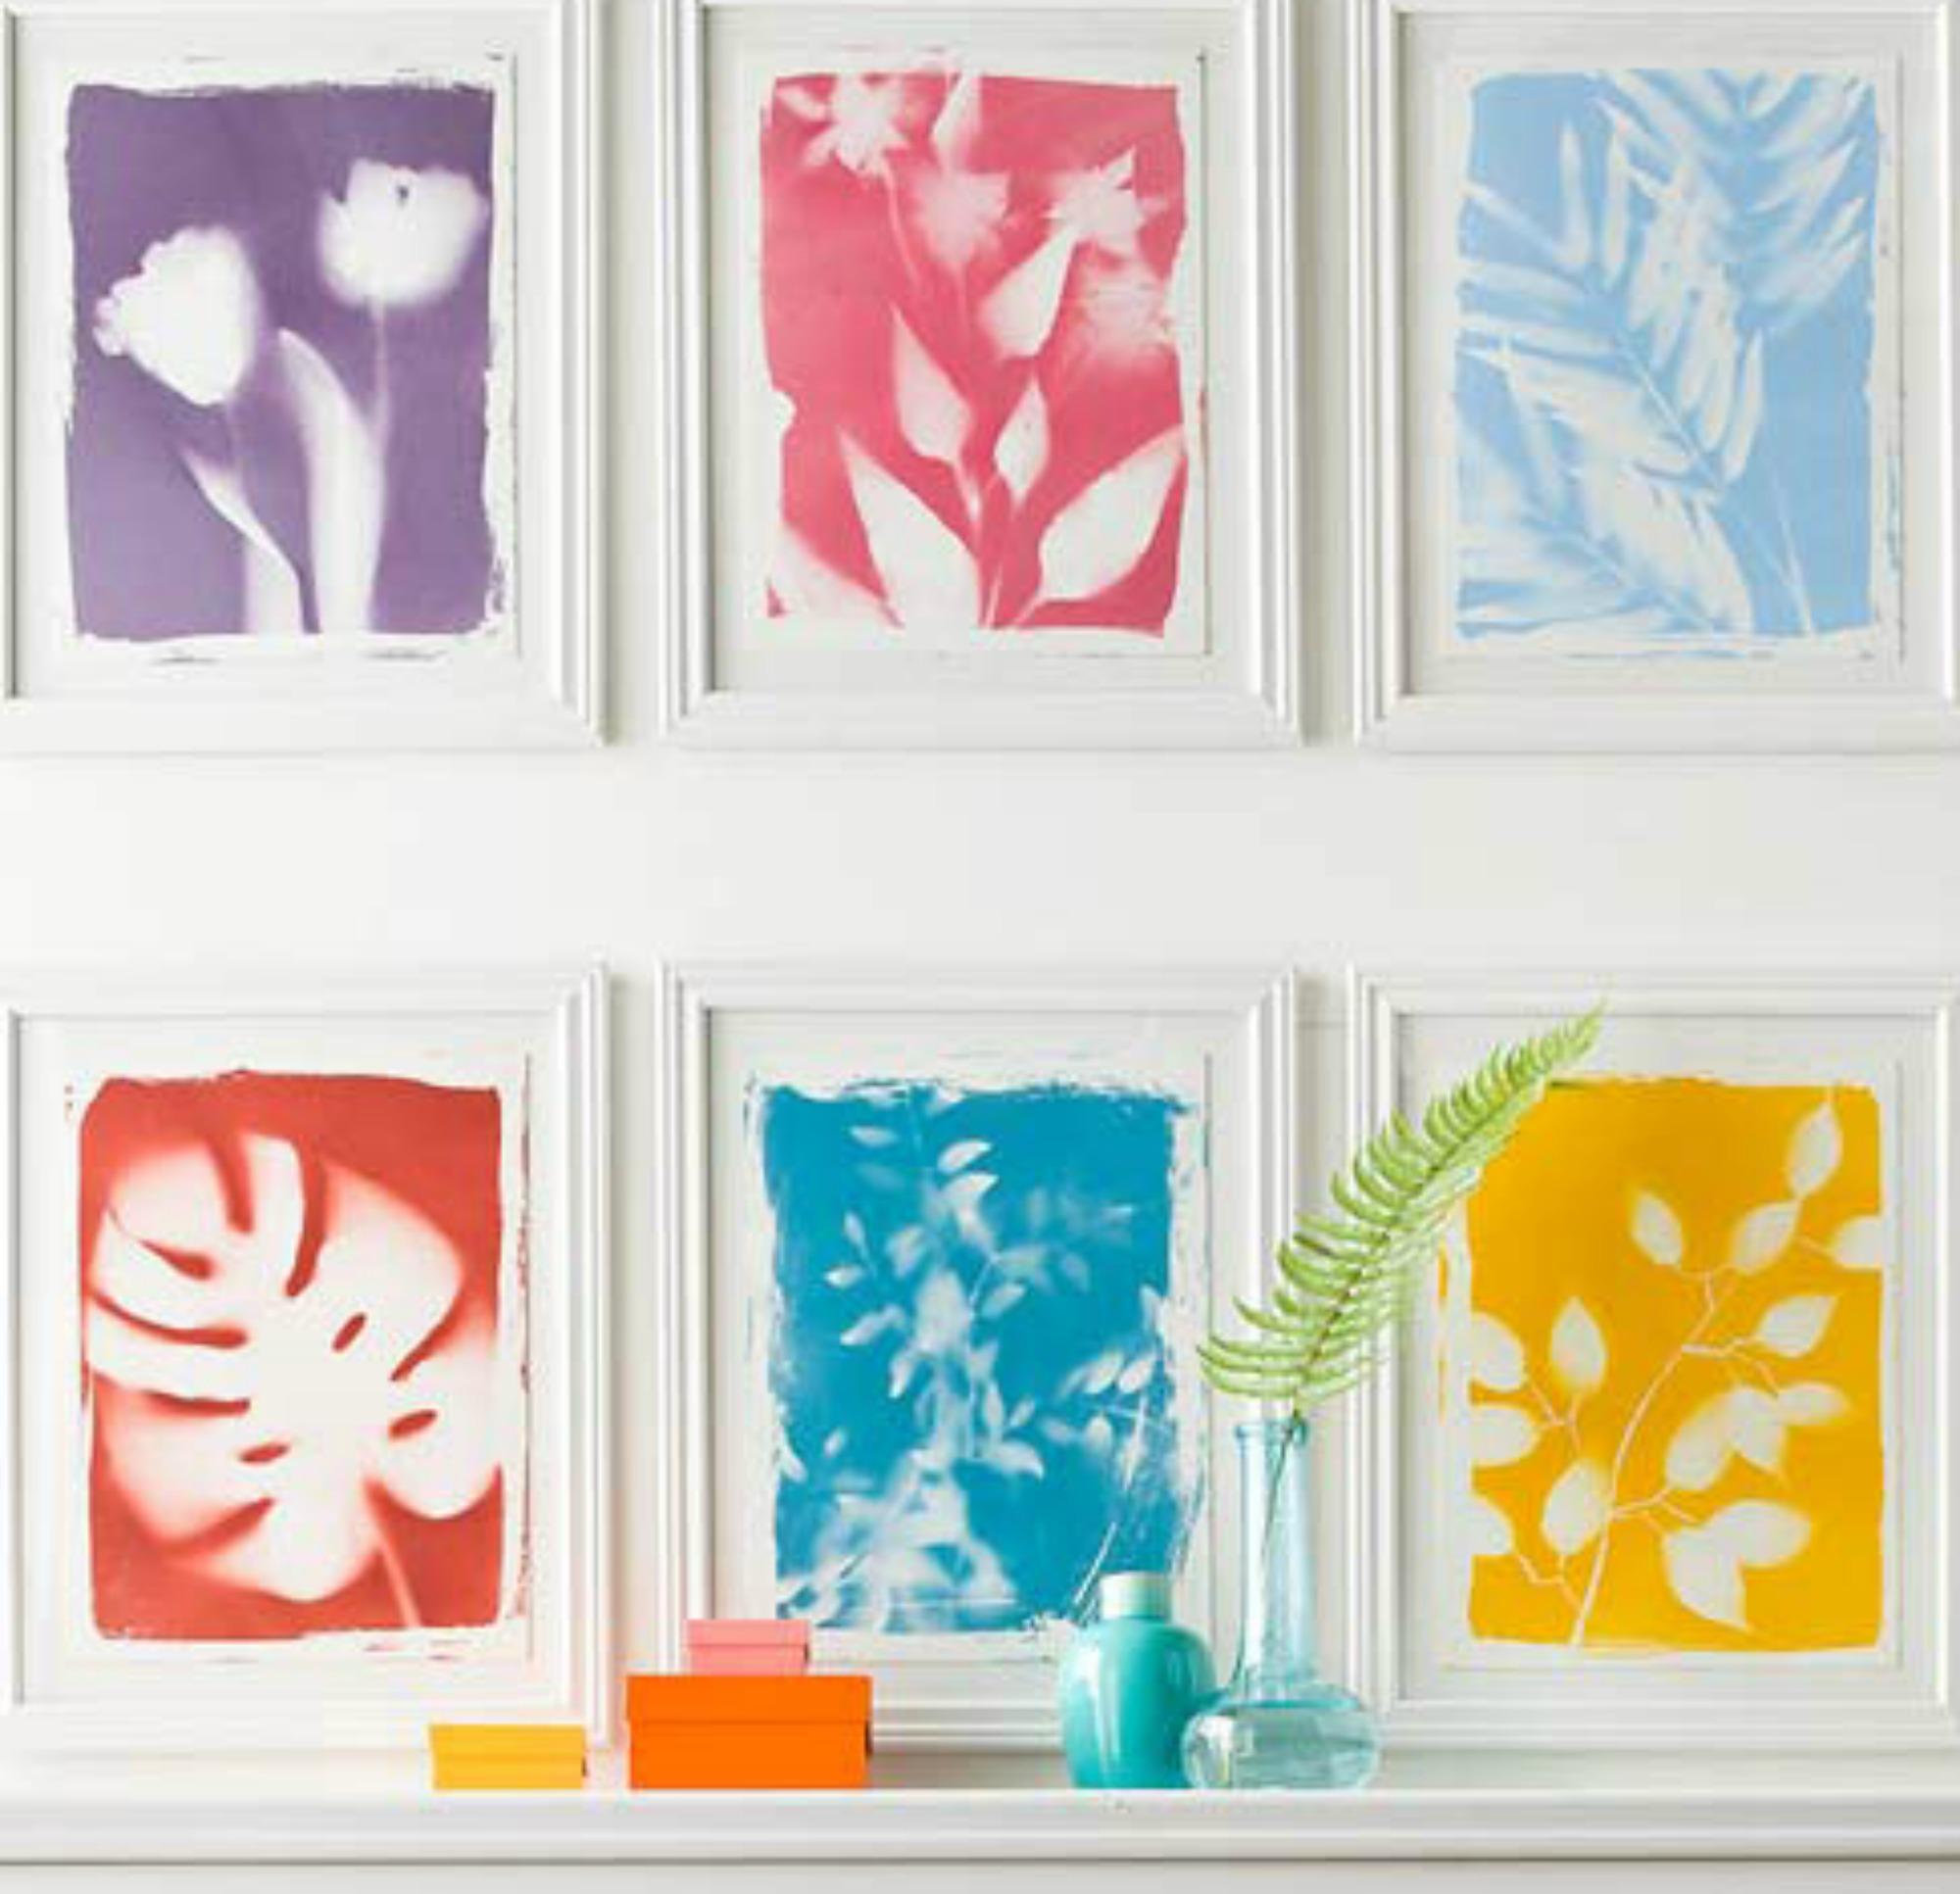 Με απλά σπρέι μπογιάς που θα βρείτε σε ένα χρωματοπωλείο μπορείτε να φτιάξετε αυτά τα υπέροχα πινακάκια.